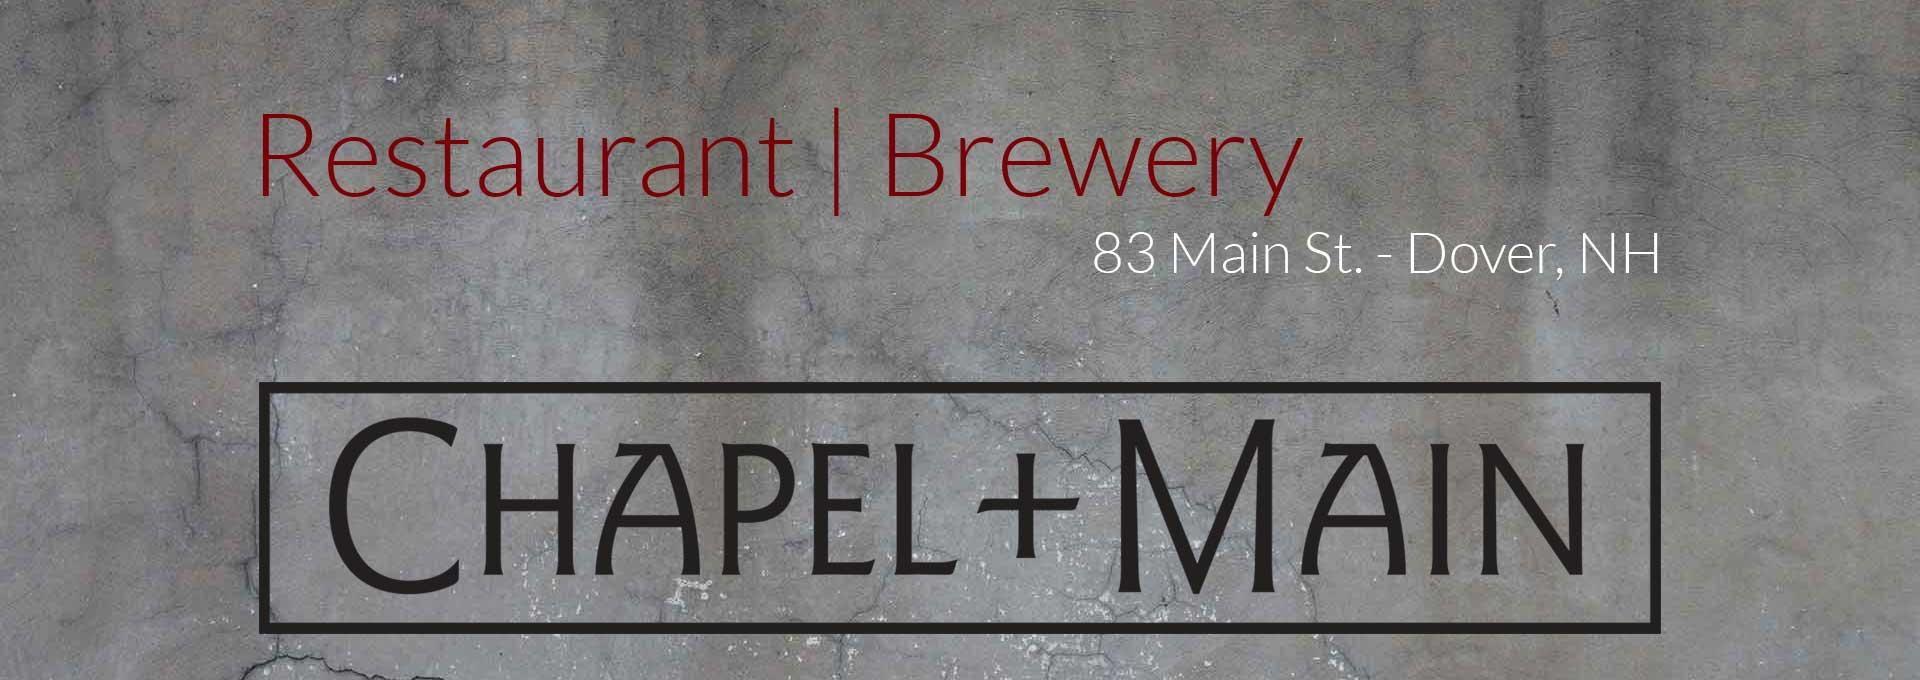 Chapel + Main | Dover, NH | Steak | Dining | Favorites | Cocktails | Brewpub | Craft Beer